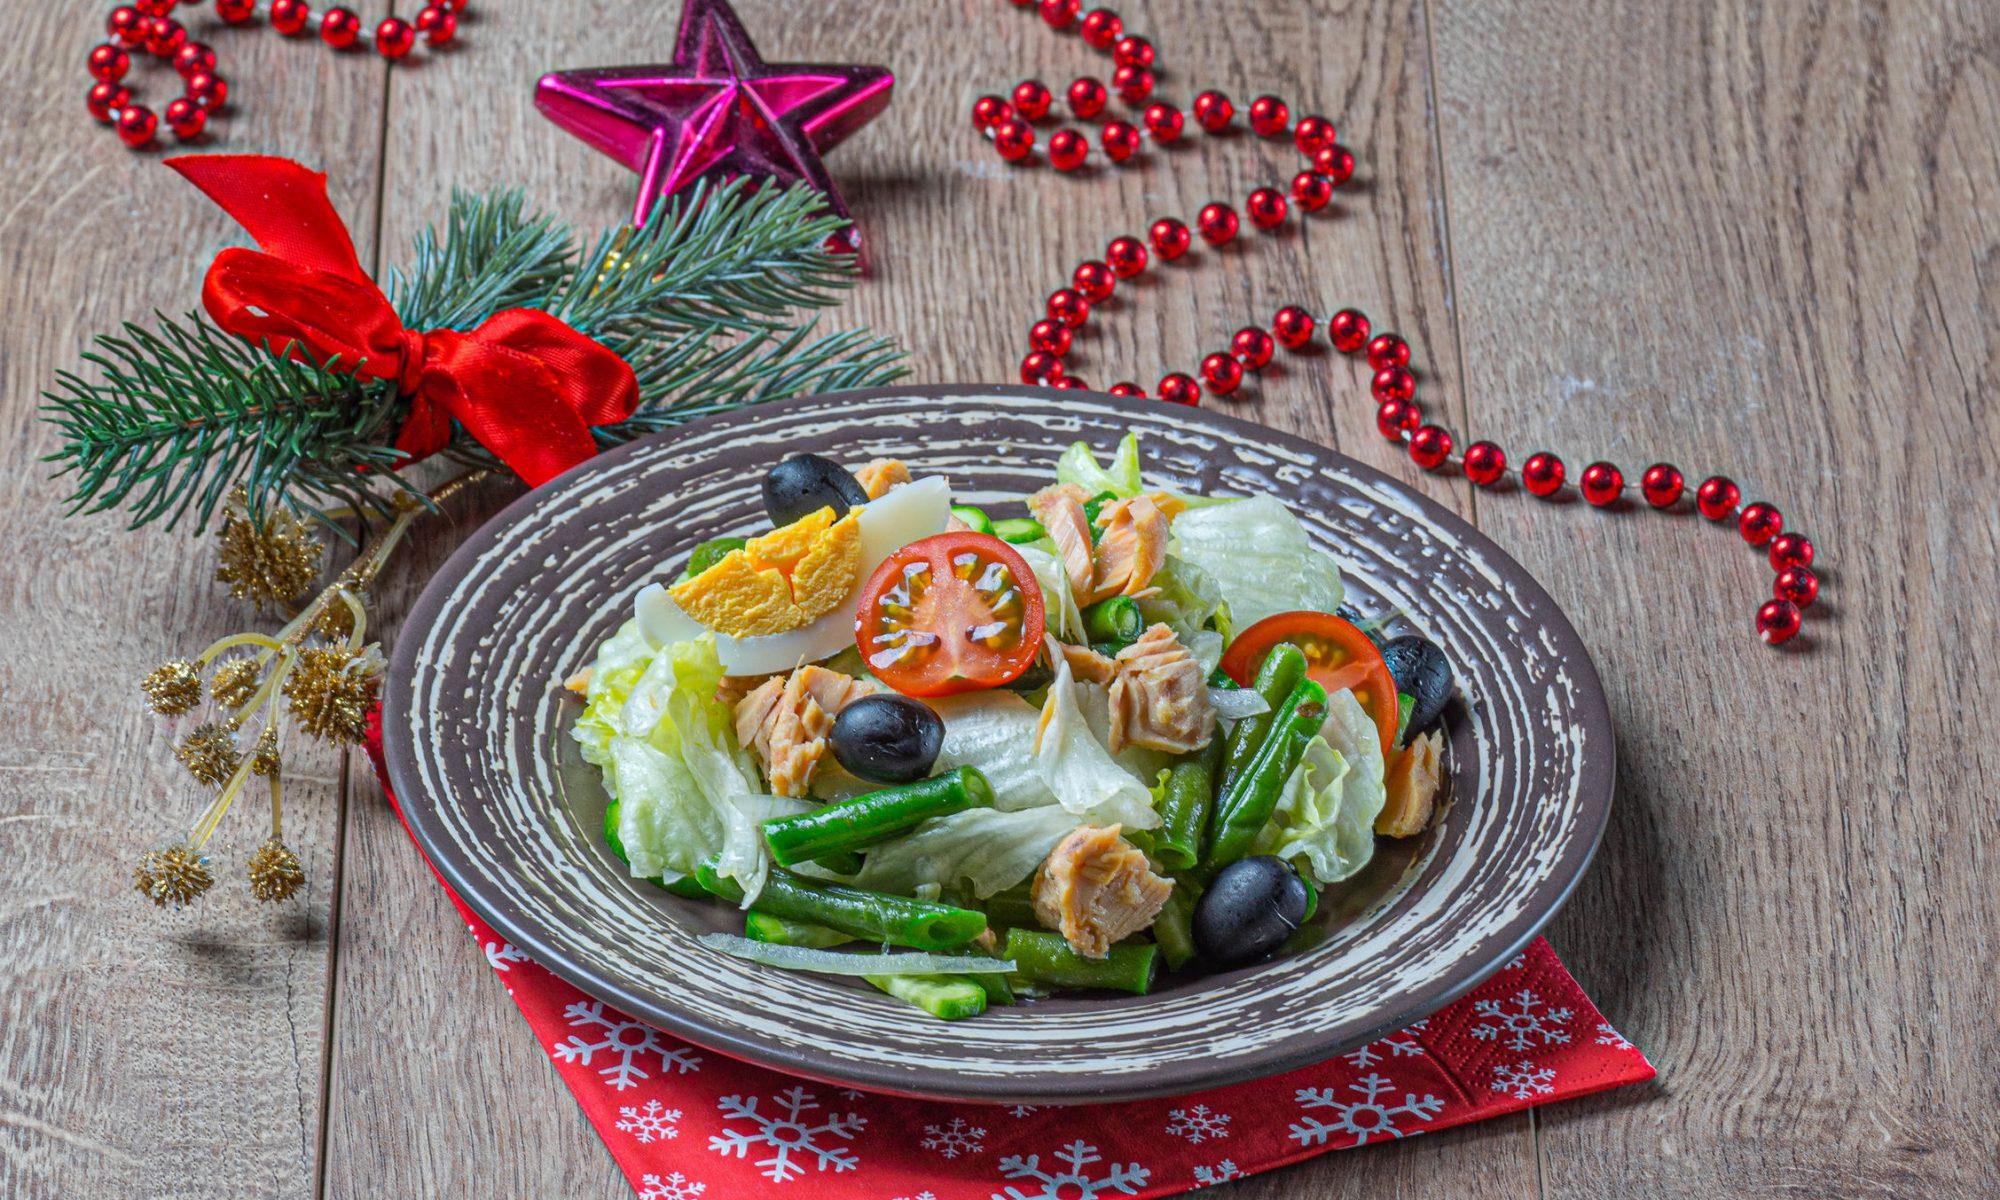 Топ-5 рецептов салатов на Новый Год от Шефмаркет